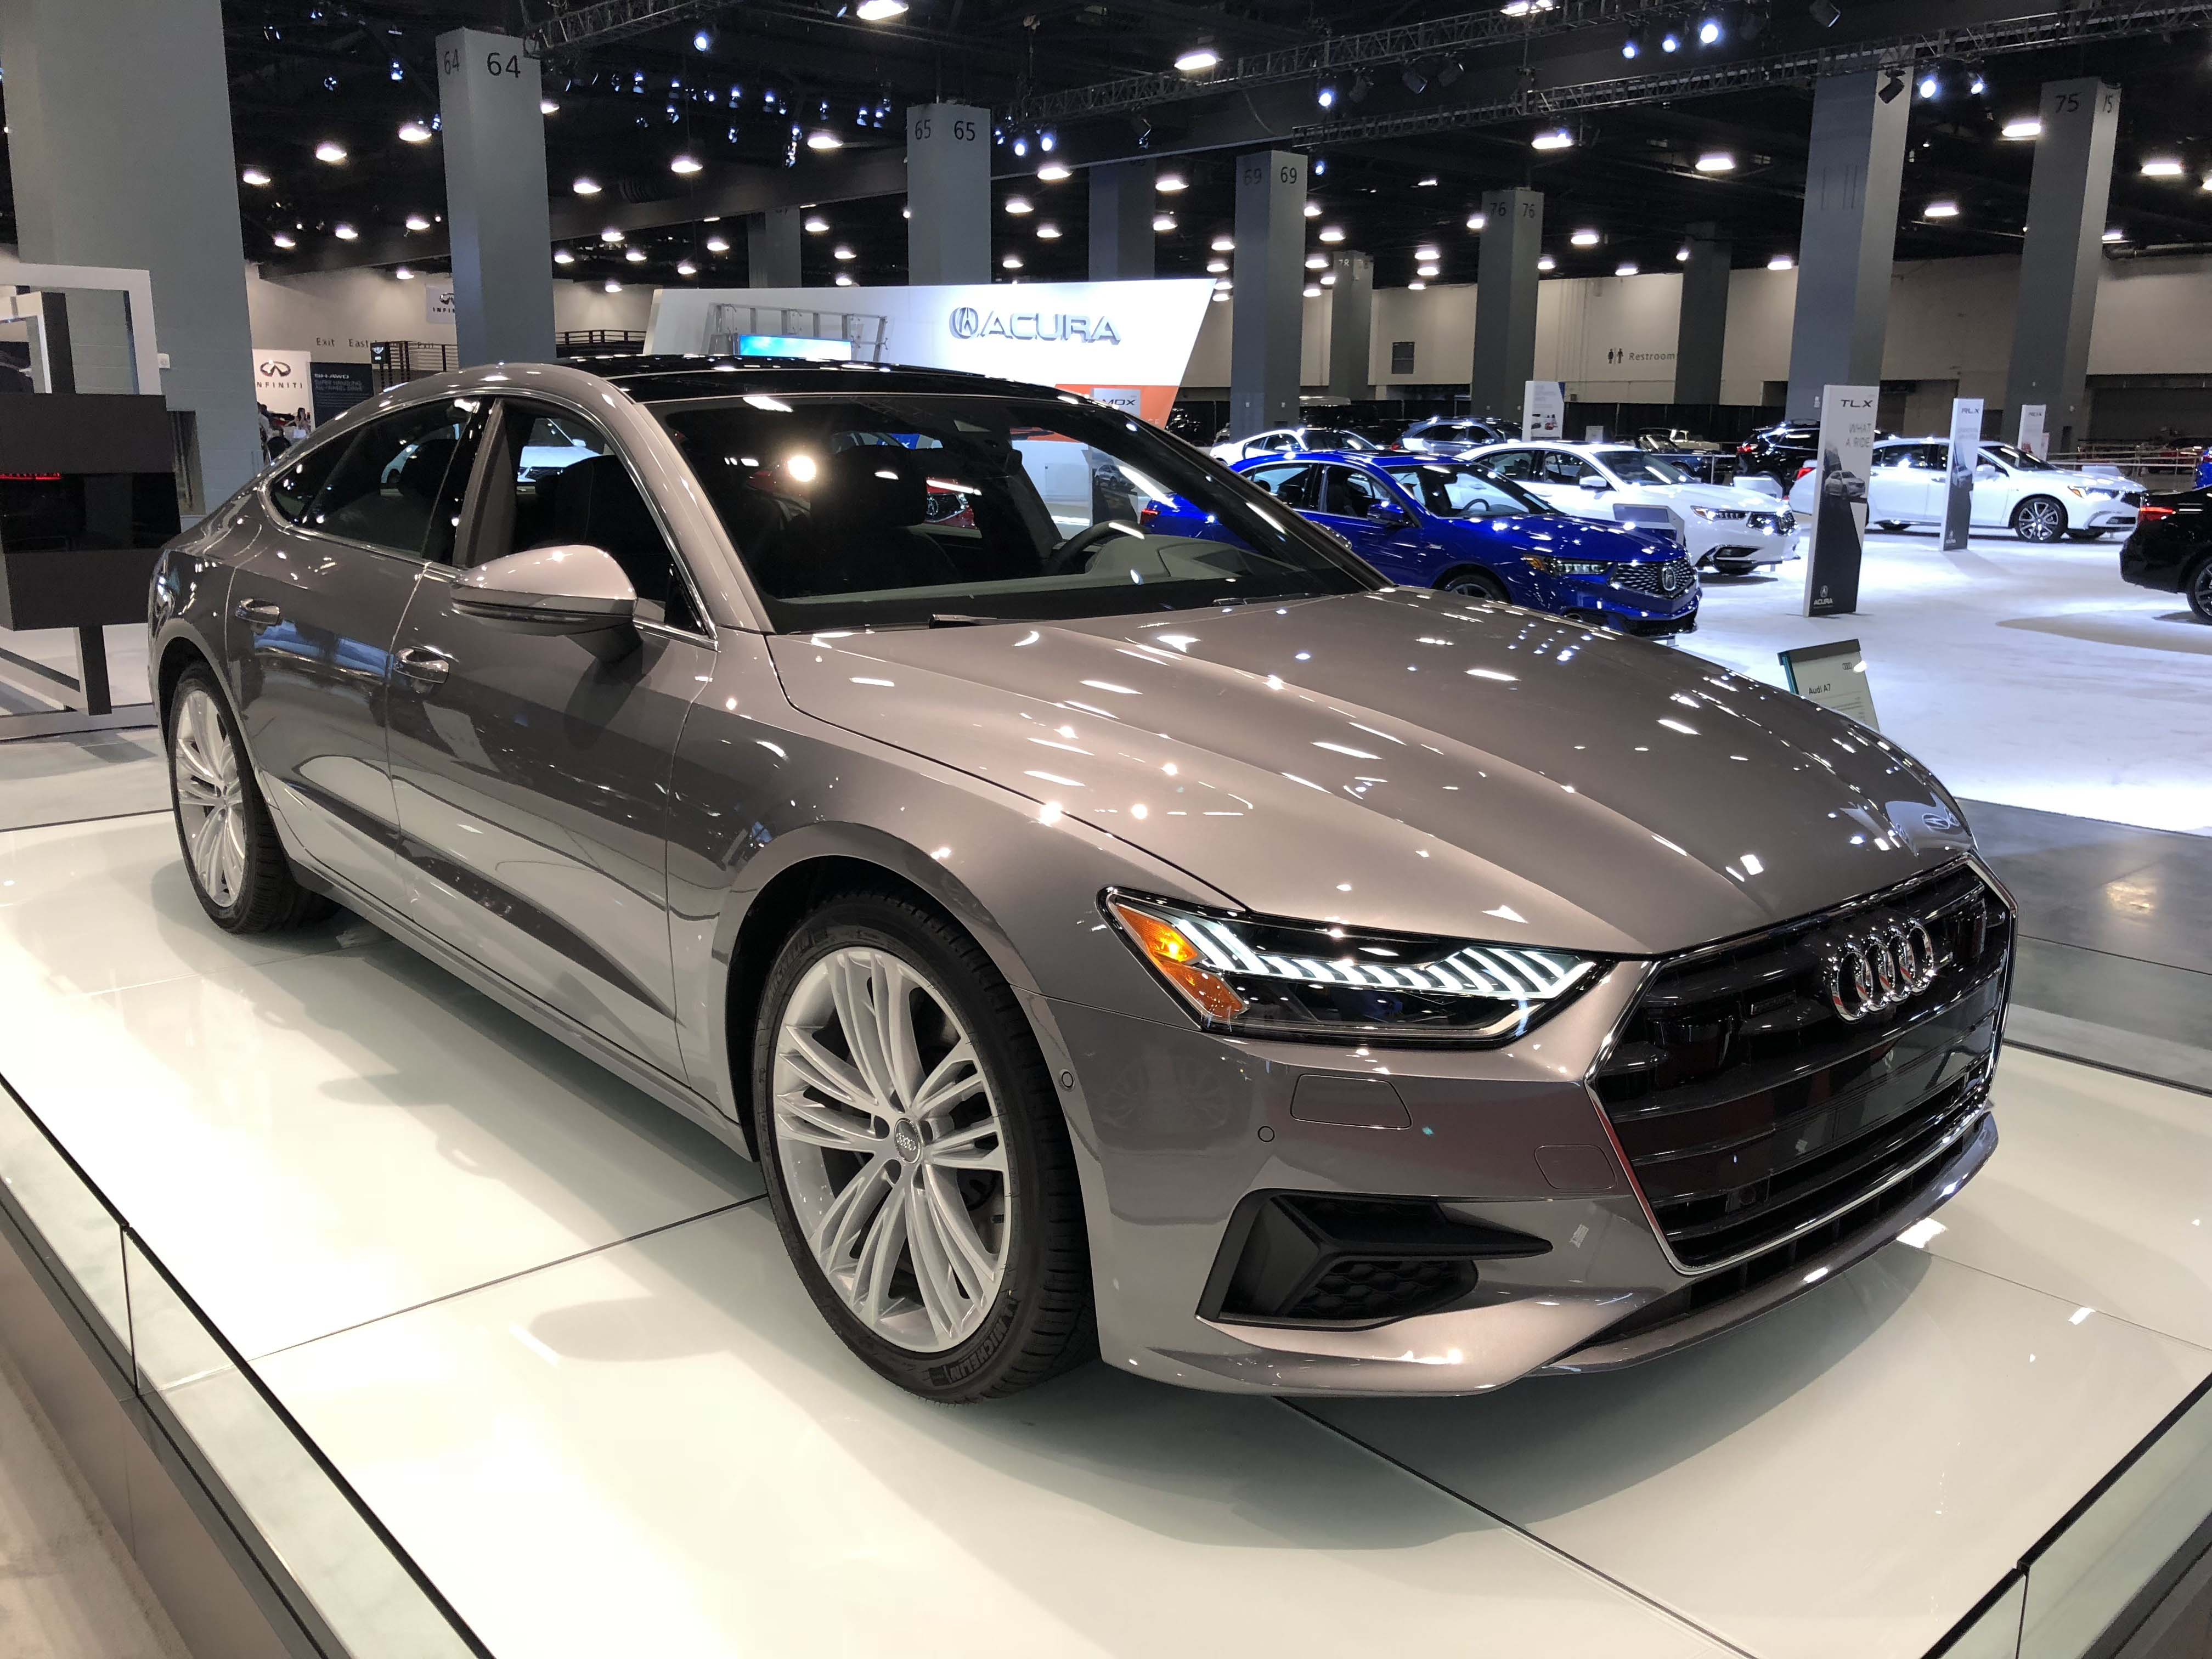 Miami Auto Show >> 2018 Miami International Auto Show Brilliantly Beaming Automotive